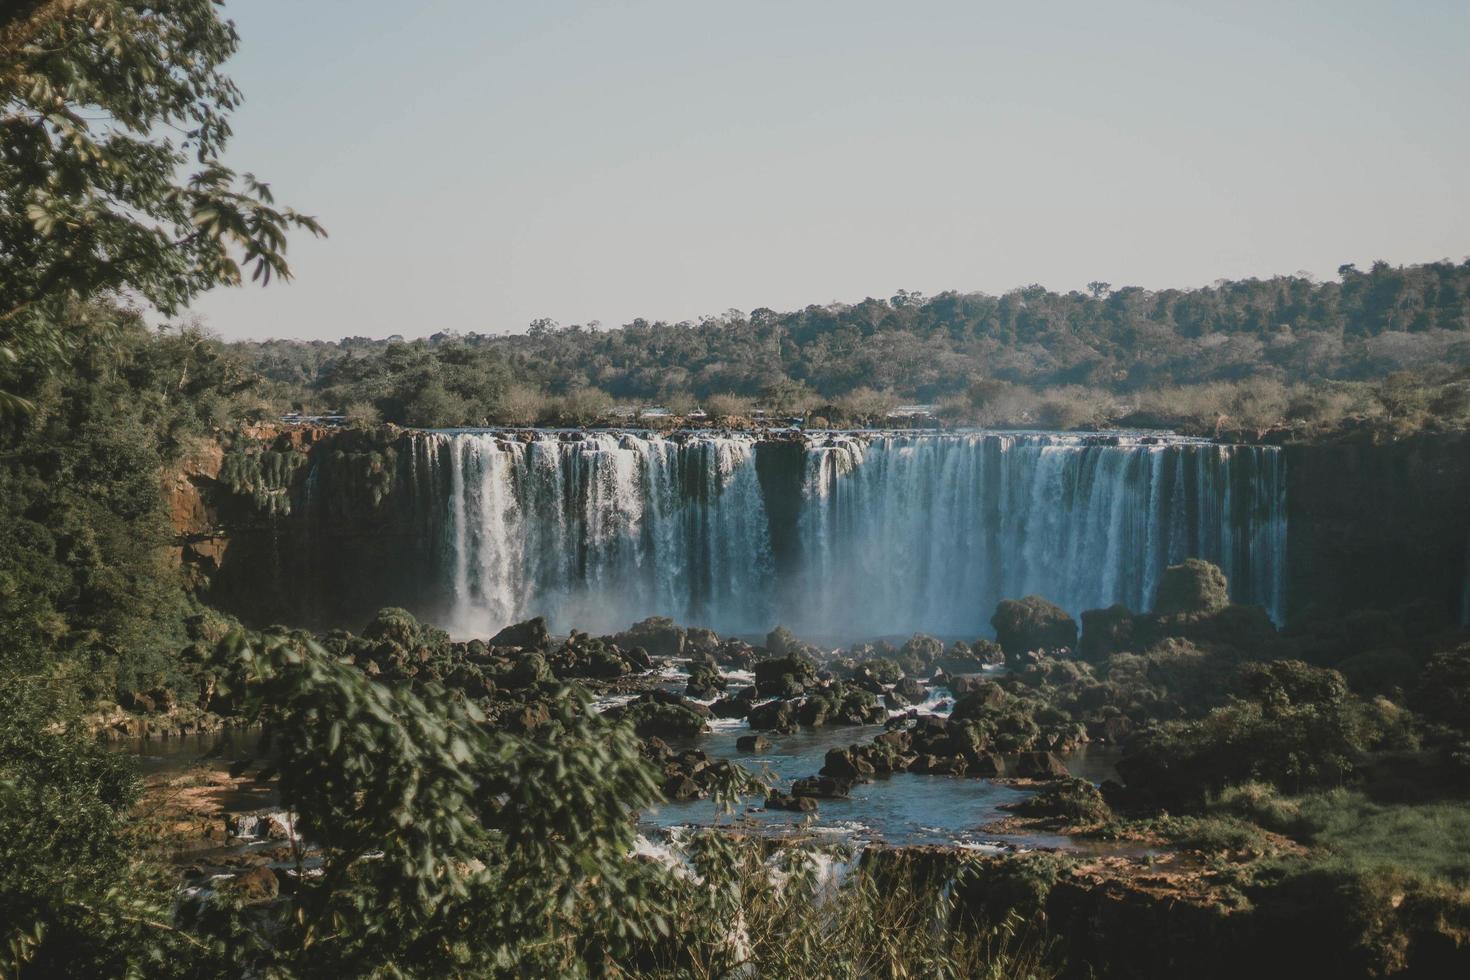 Weitwinkelfoto des Wasserfalls foto